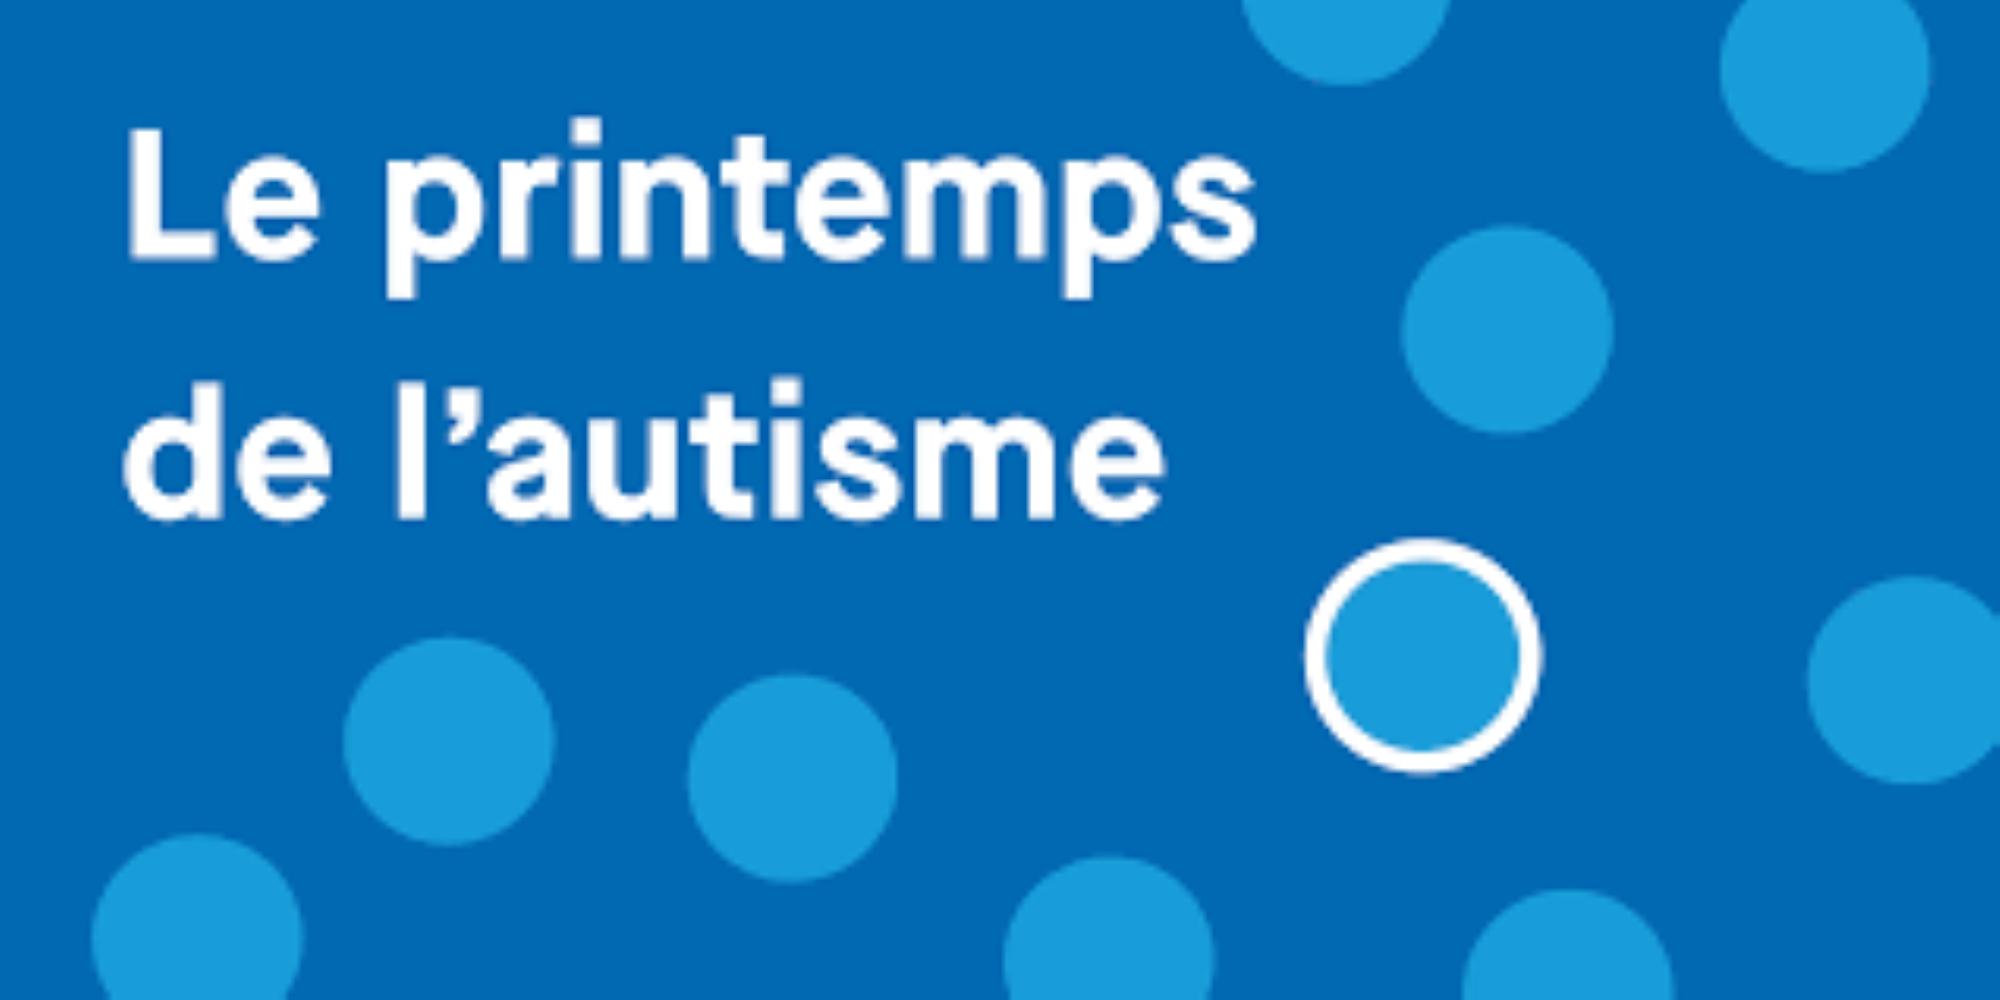 Le printemps de l'autisme du 26 mars au 17 juin